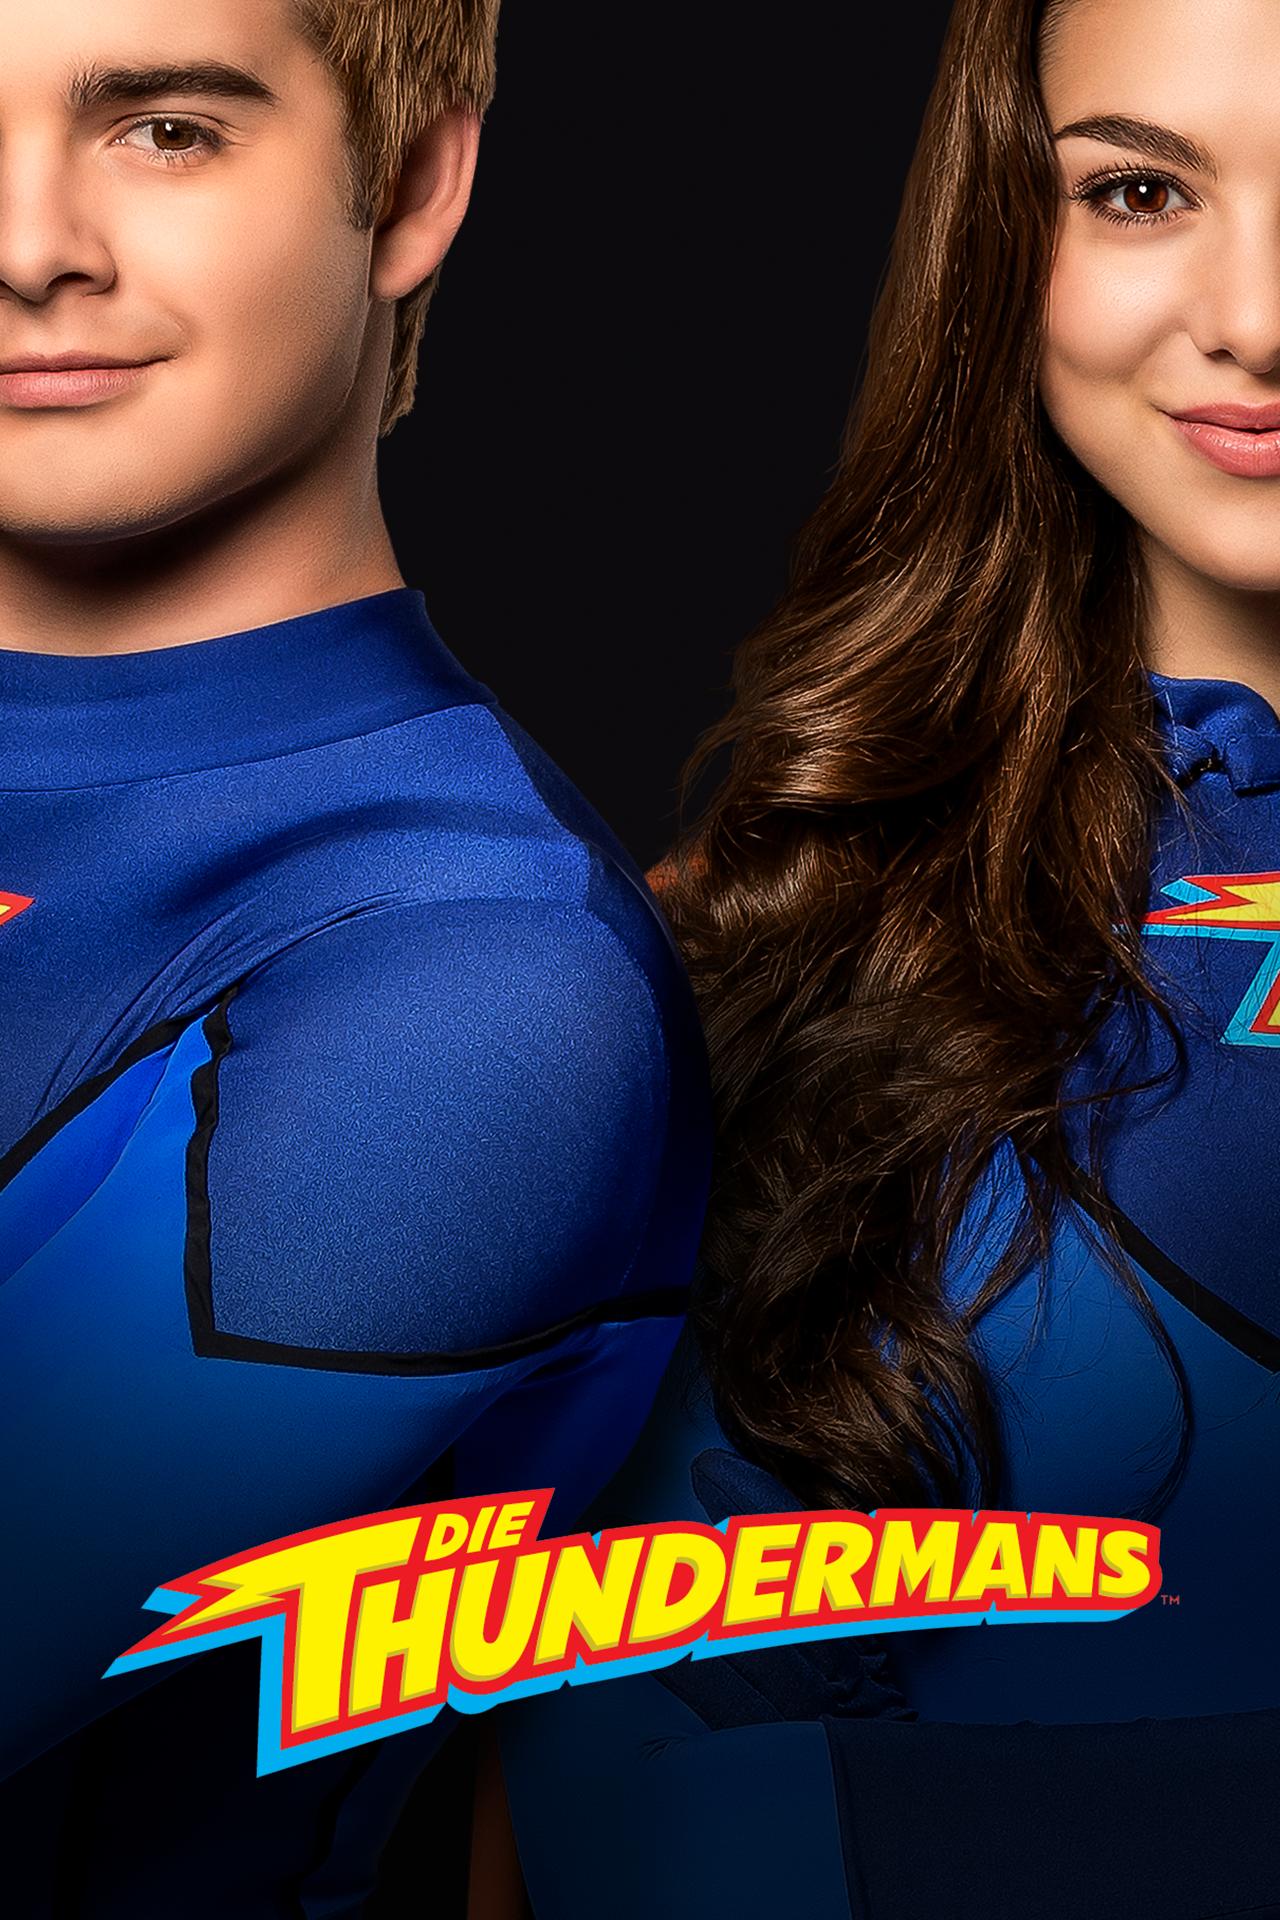 Die Thundermans Geheimnis Gelüftet